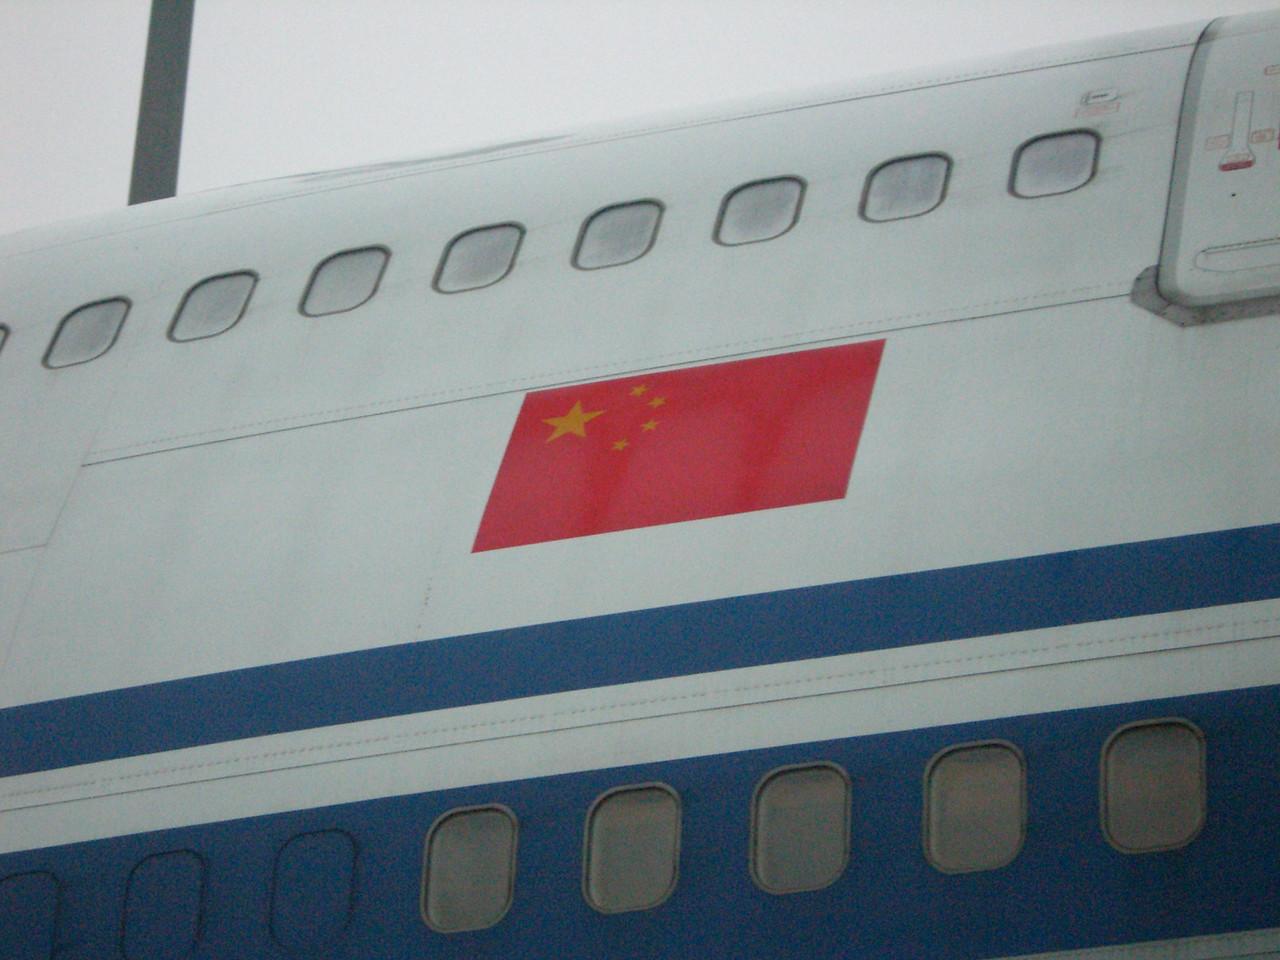 2006 07 13 Thu - Air China flag